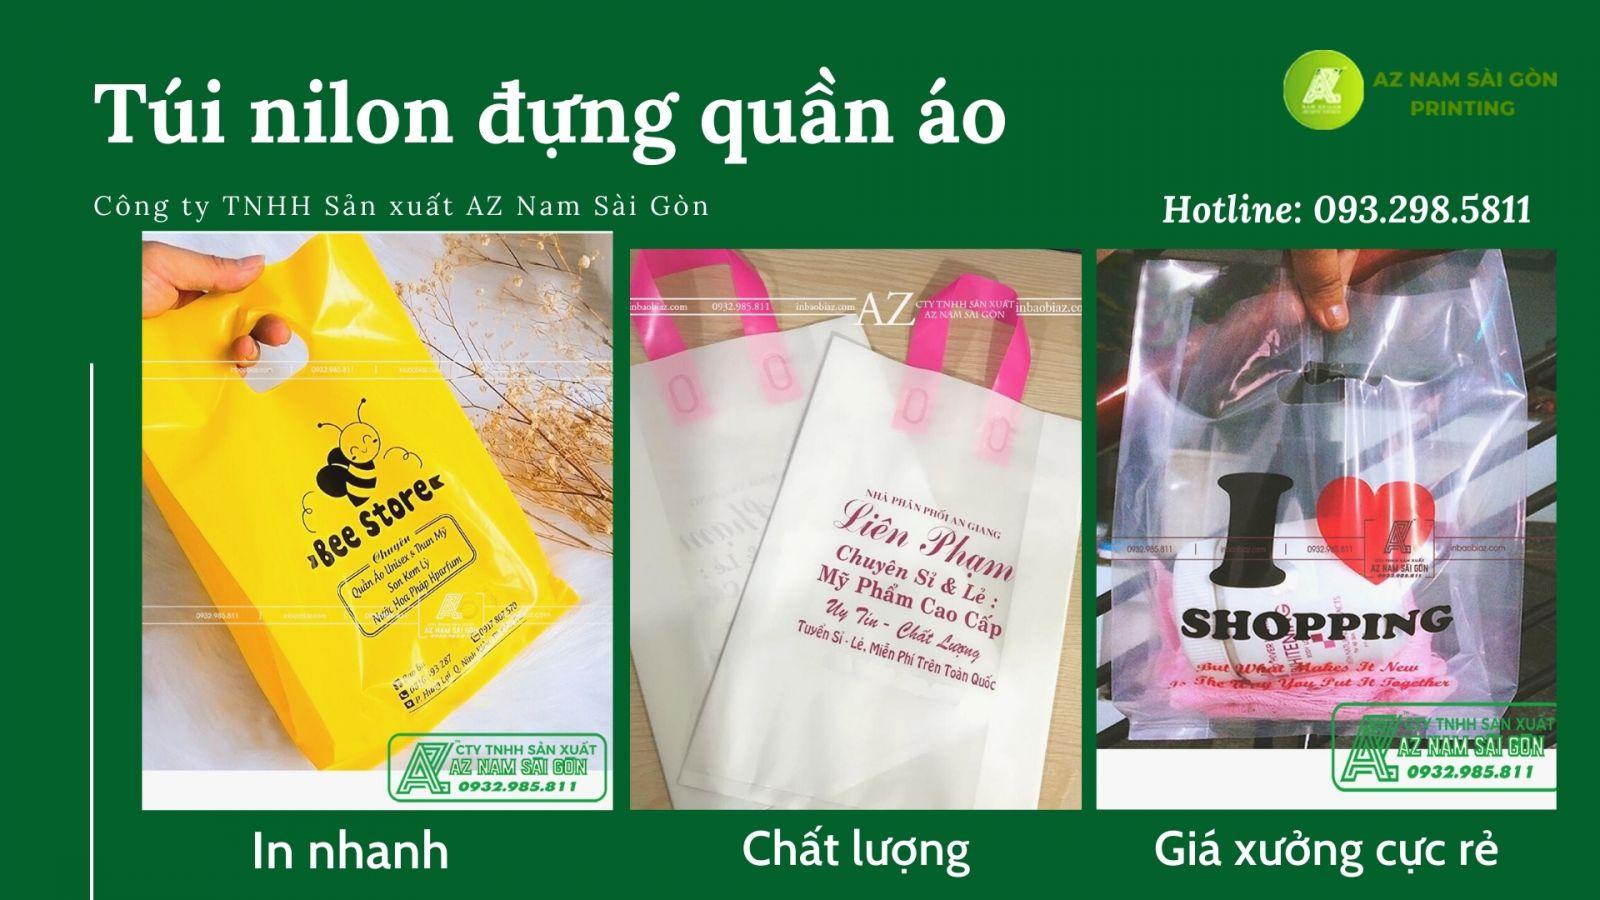 in bao bì az Nam Sài Gòn